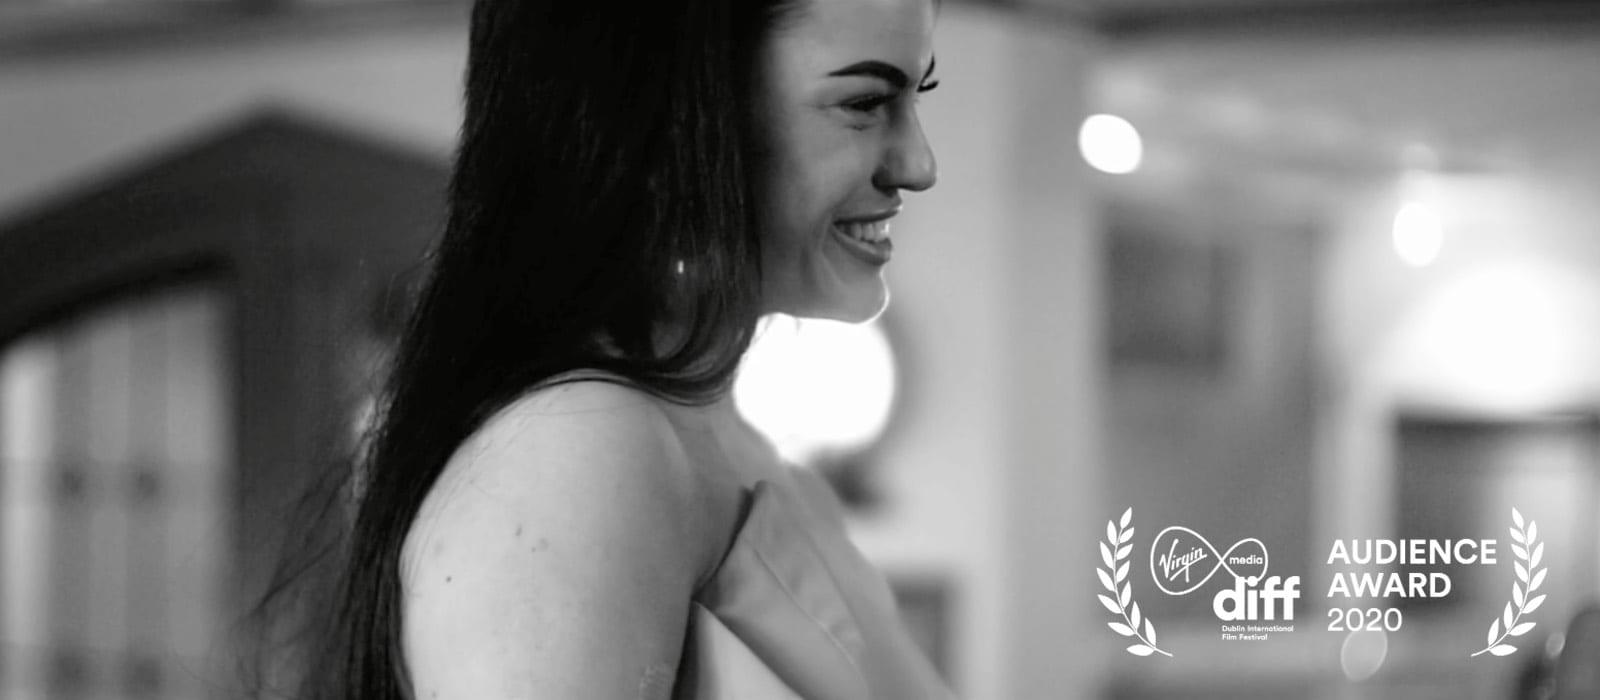 Дублинский международный кинофестиваль огласил победителей